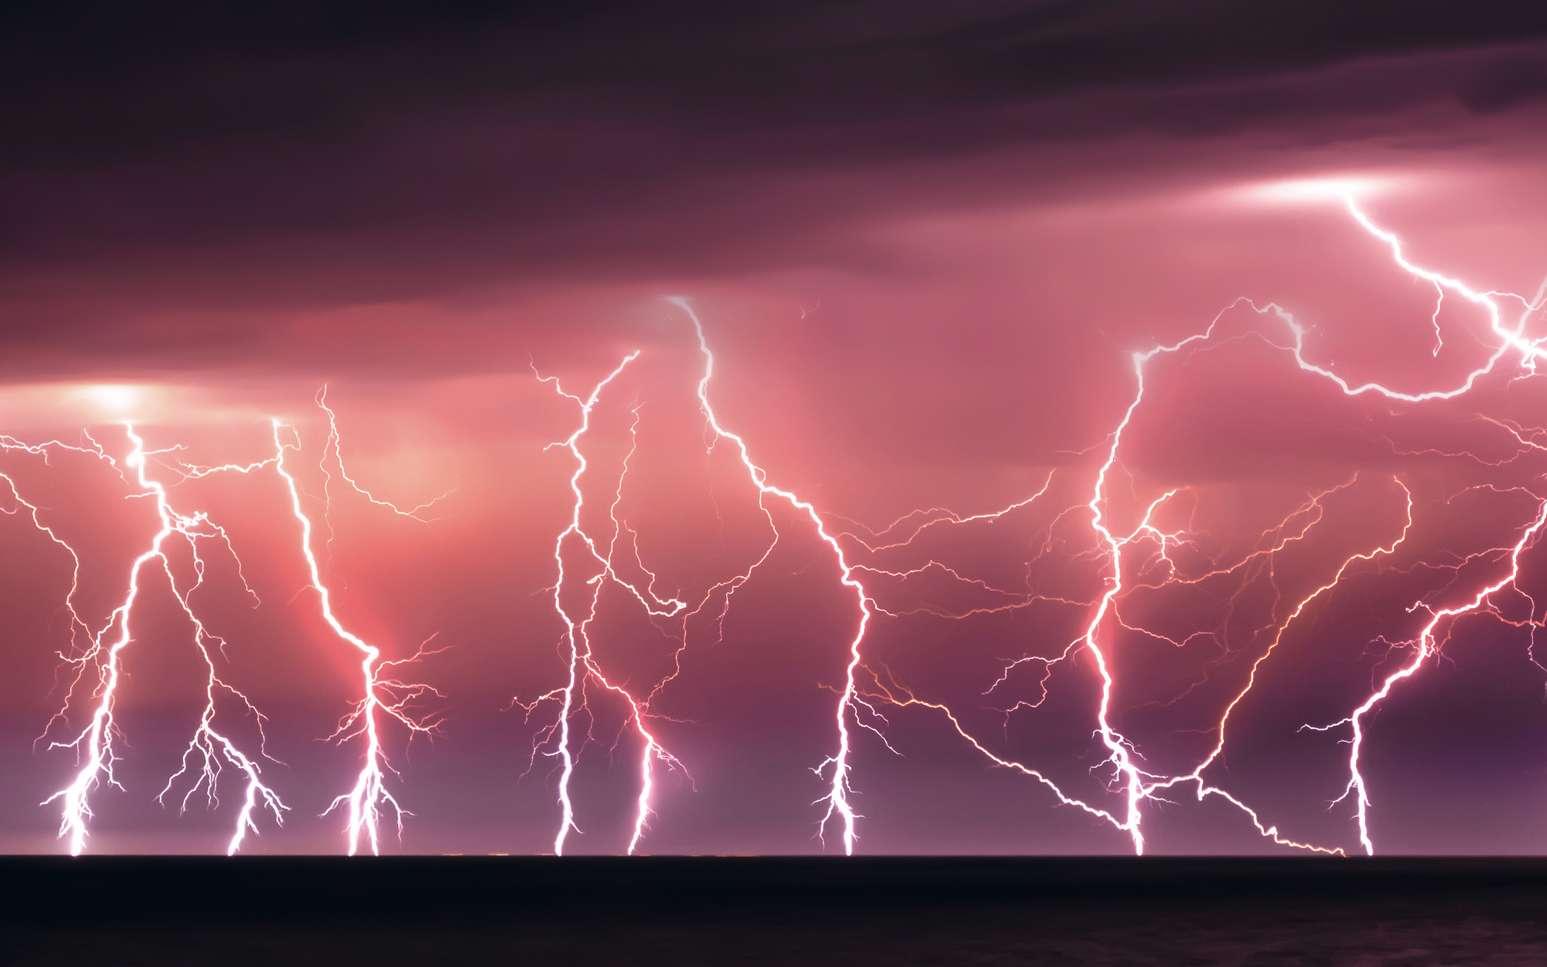 Lorsque la foudre frappe, les éclairs sont accompagnés de coups de tonnerre. © Ivan Kurmyshov, fotolia